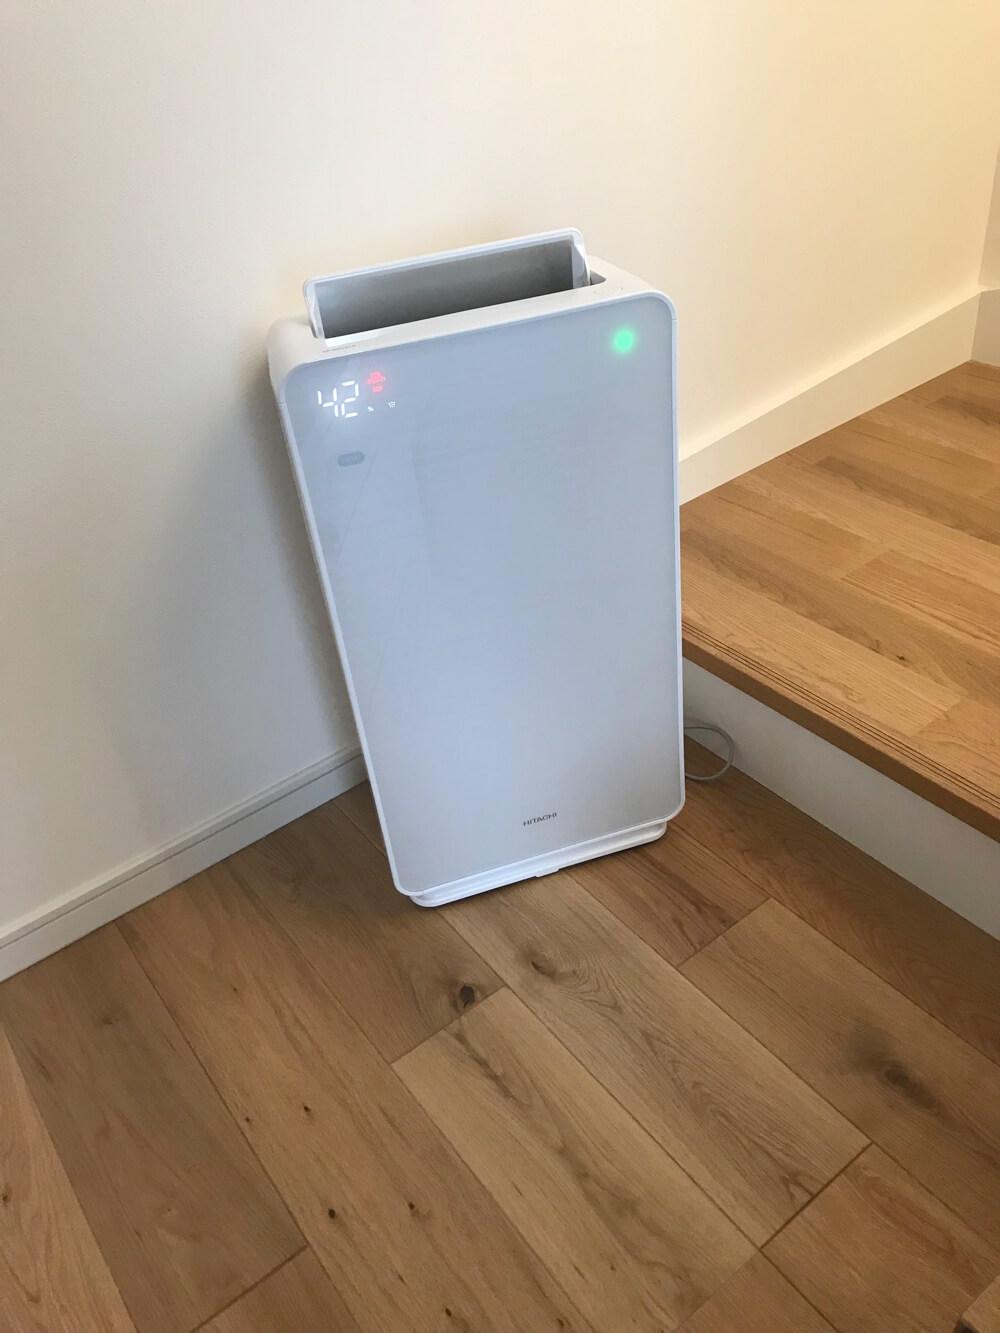 新築で購入する家電、空気清浄機のおすすめはHITACHIのクリエア